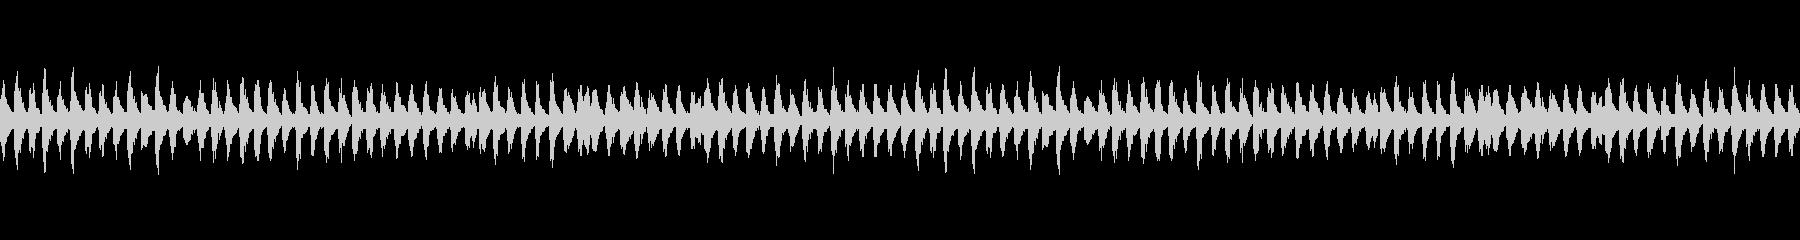 アルプス一万尺 (オーケストラ)の未再生の波形